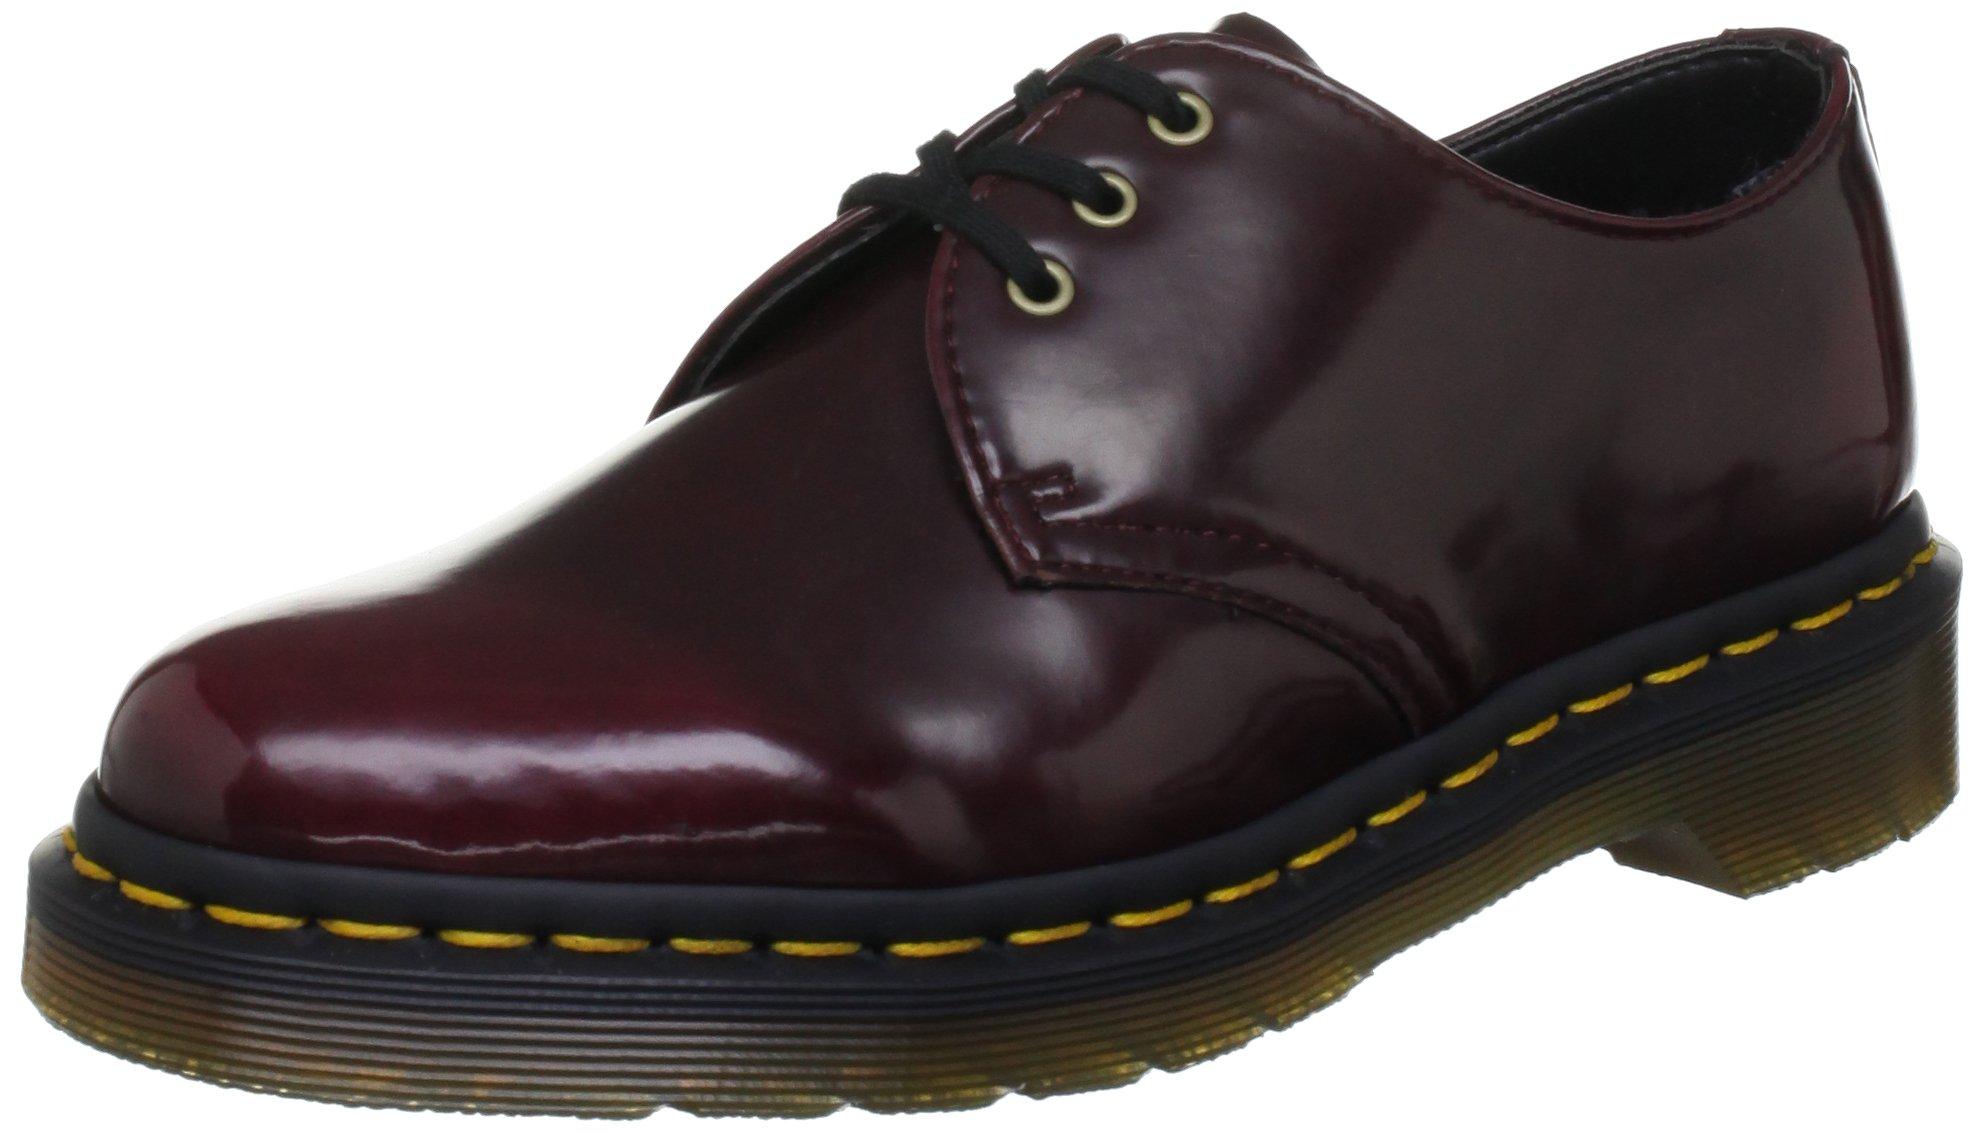 0437d4ee14f2f Galleon - Dr. Martens Women's 1461 Vegan 3 Eye Shoe Boot,Cherry Red  Cambridge Brush,5 UK/7 M US